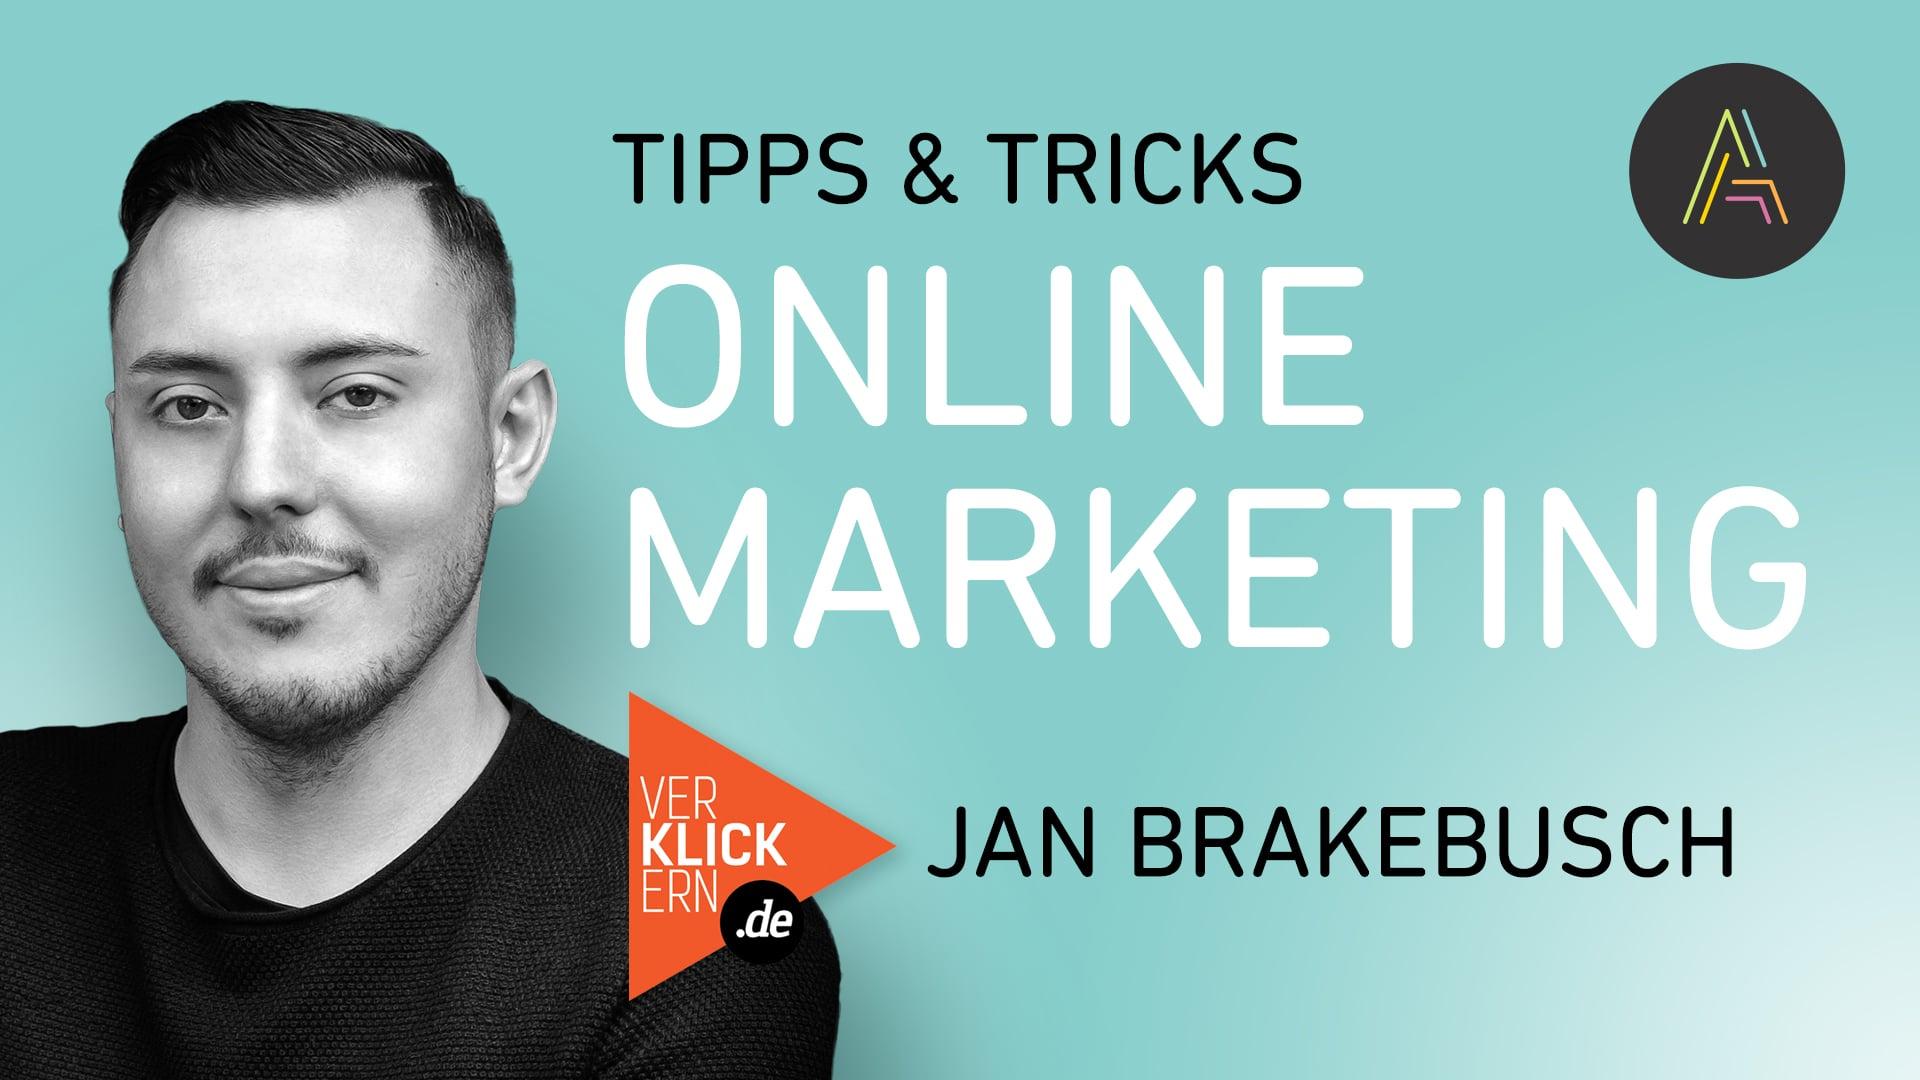 Jan Brakebusch